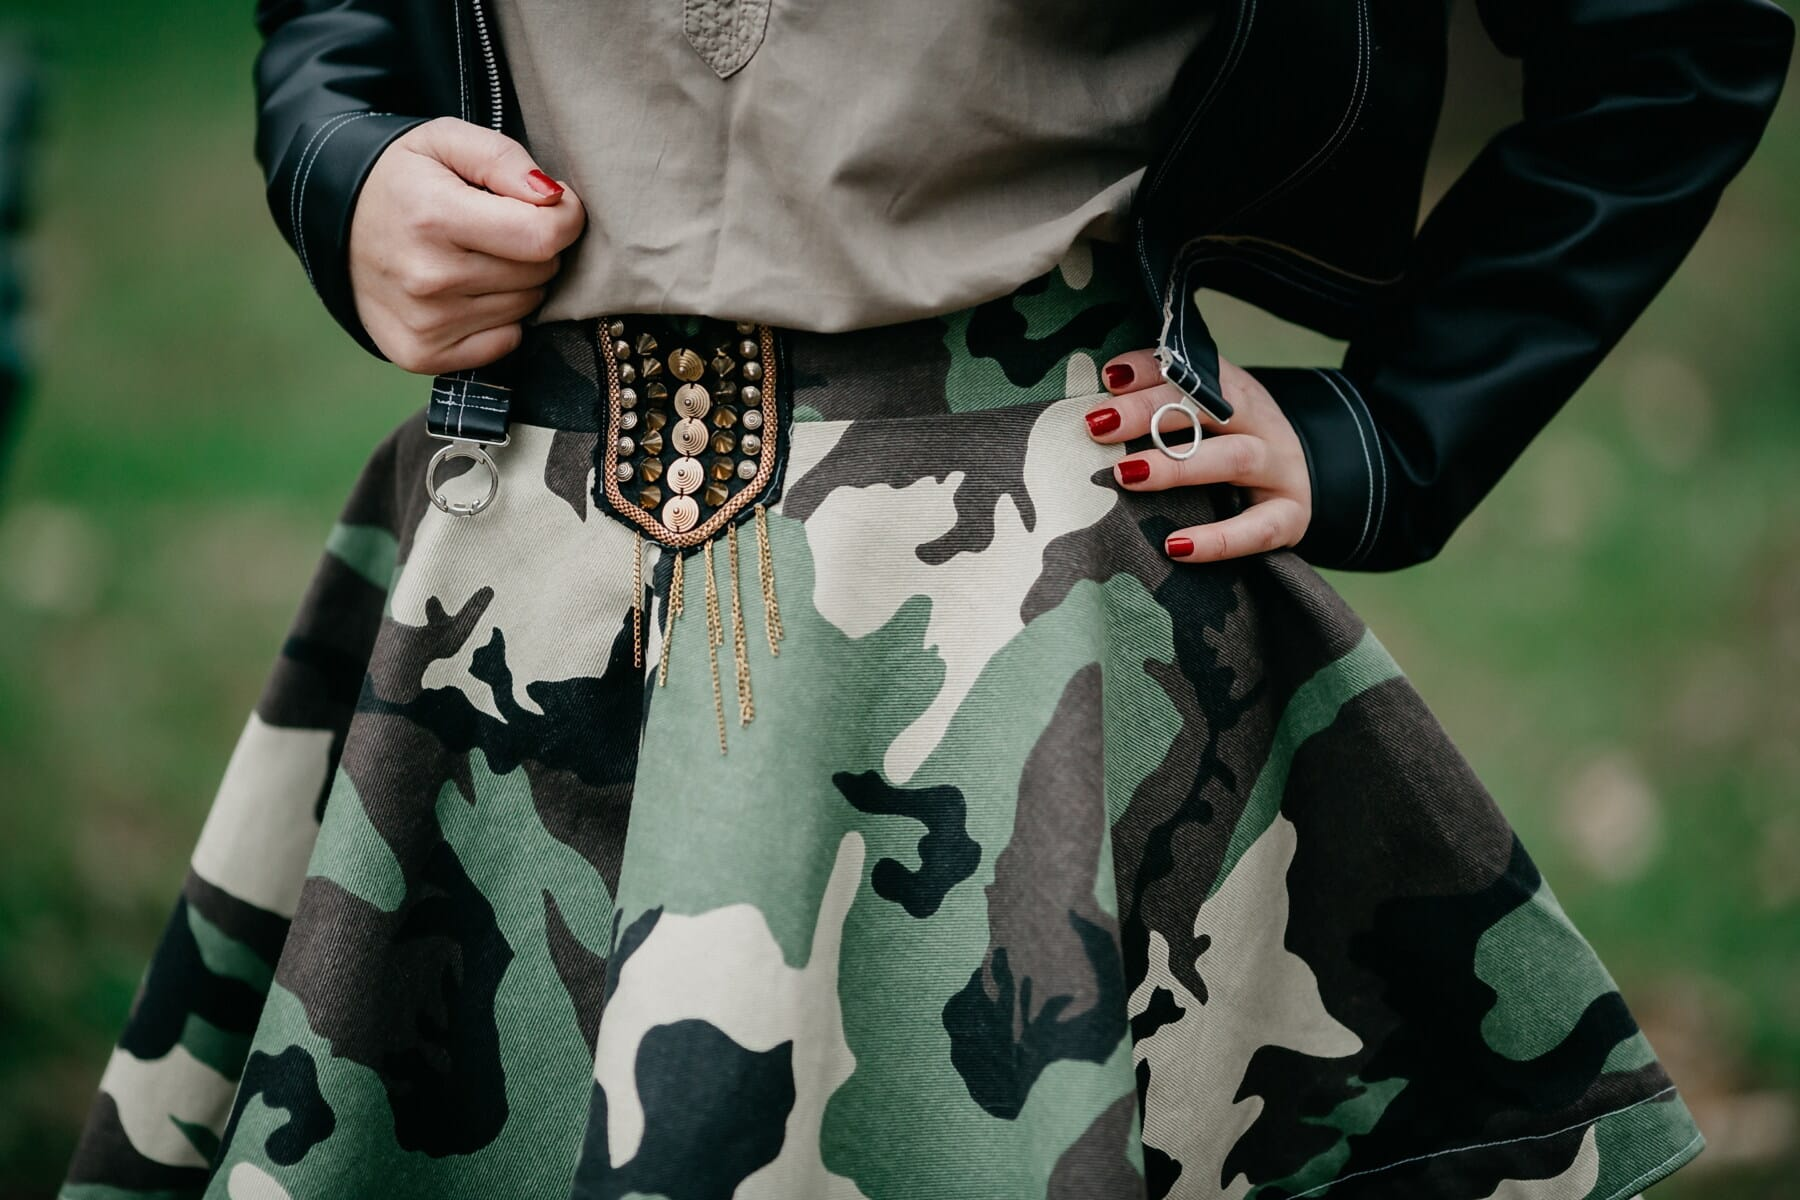 kamuflaža, vojno, modni, uniforma, suknja, žena, dizajn, jakna, koža, ruka